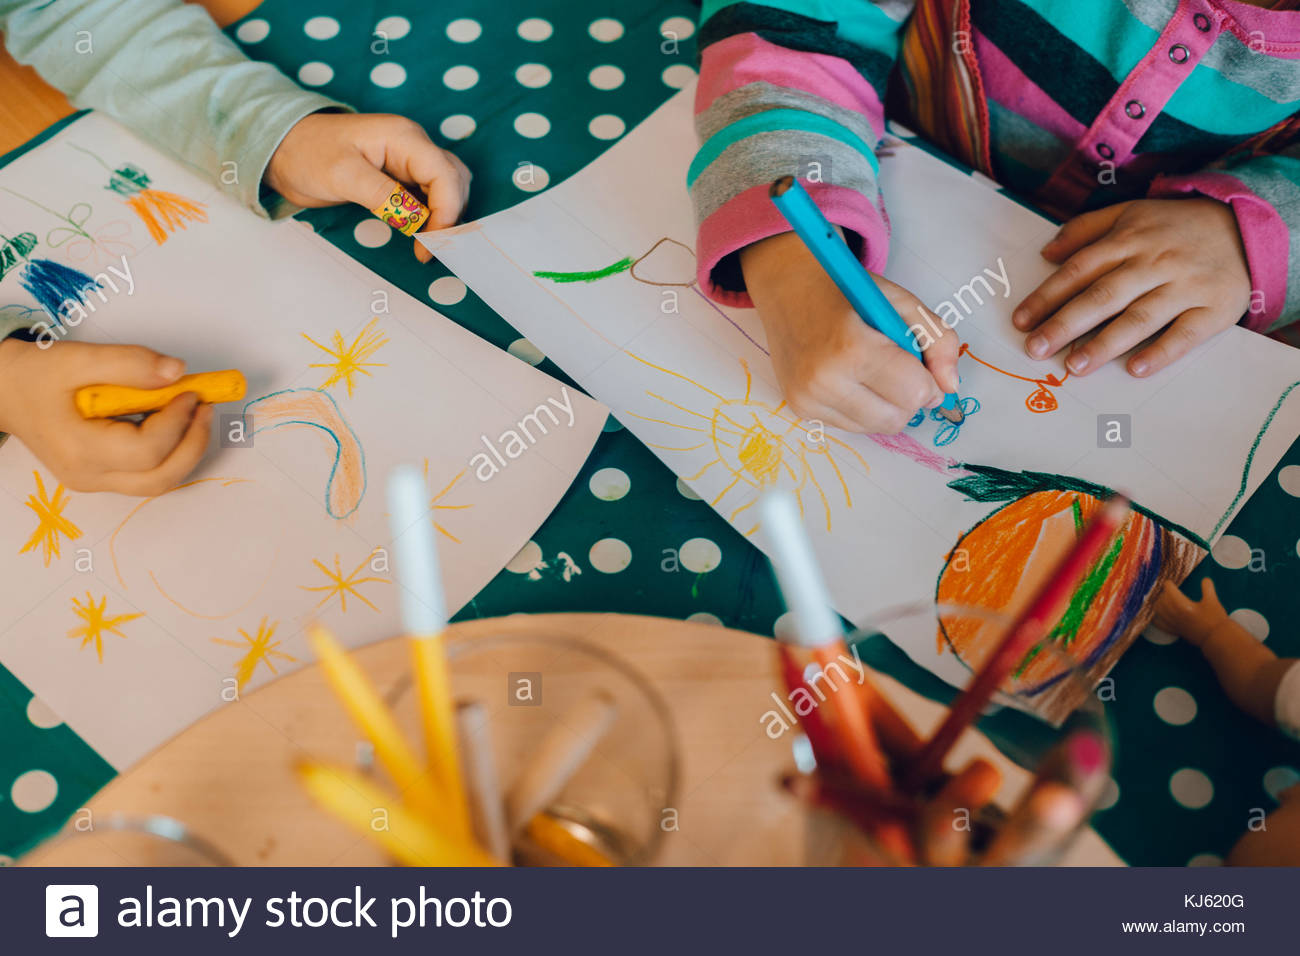 Pittura per bambini, vista dall'alto Immagini Stock